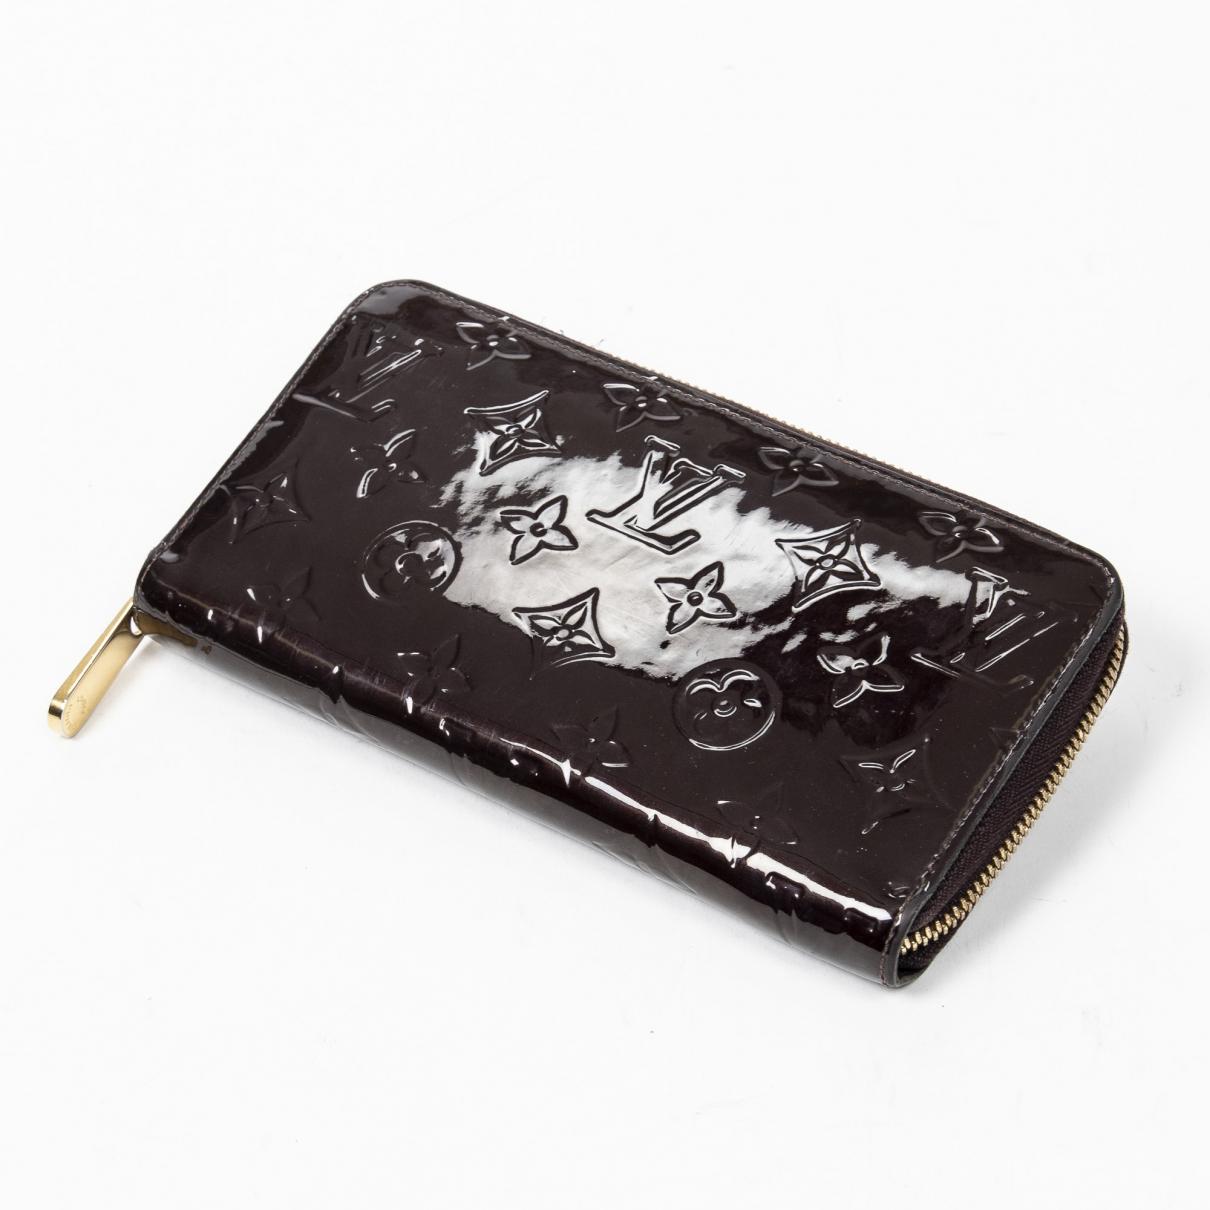 Louis Vuitton - Portefeuille Zippy pour femme en cuir verni - multicolore